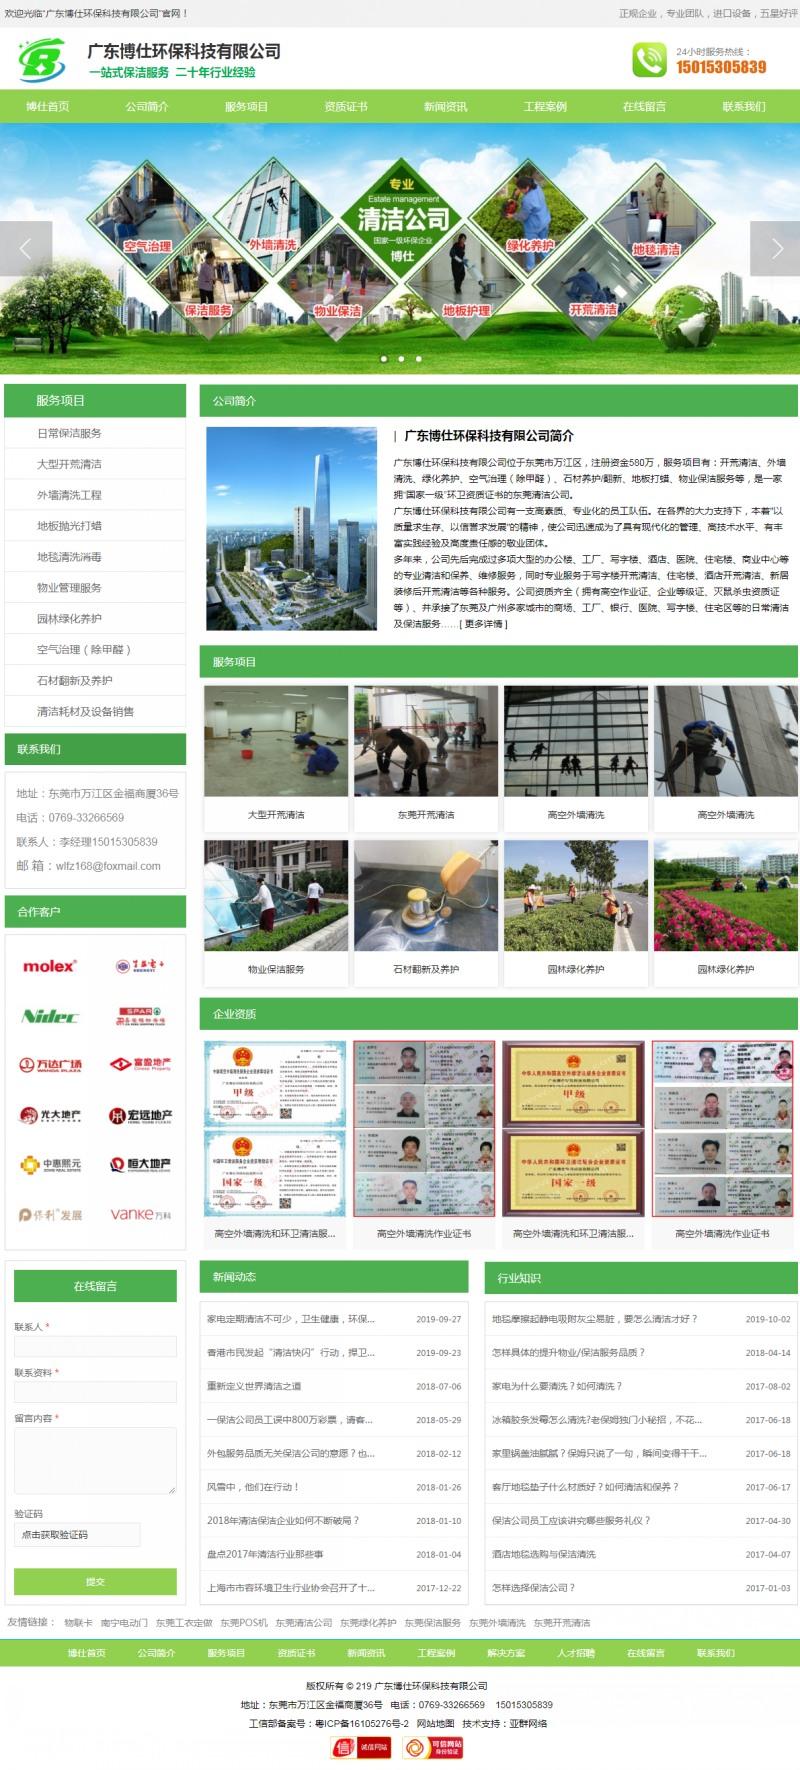 清洁保洁公司网站建设案例